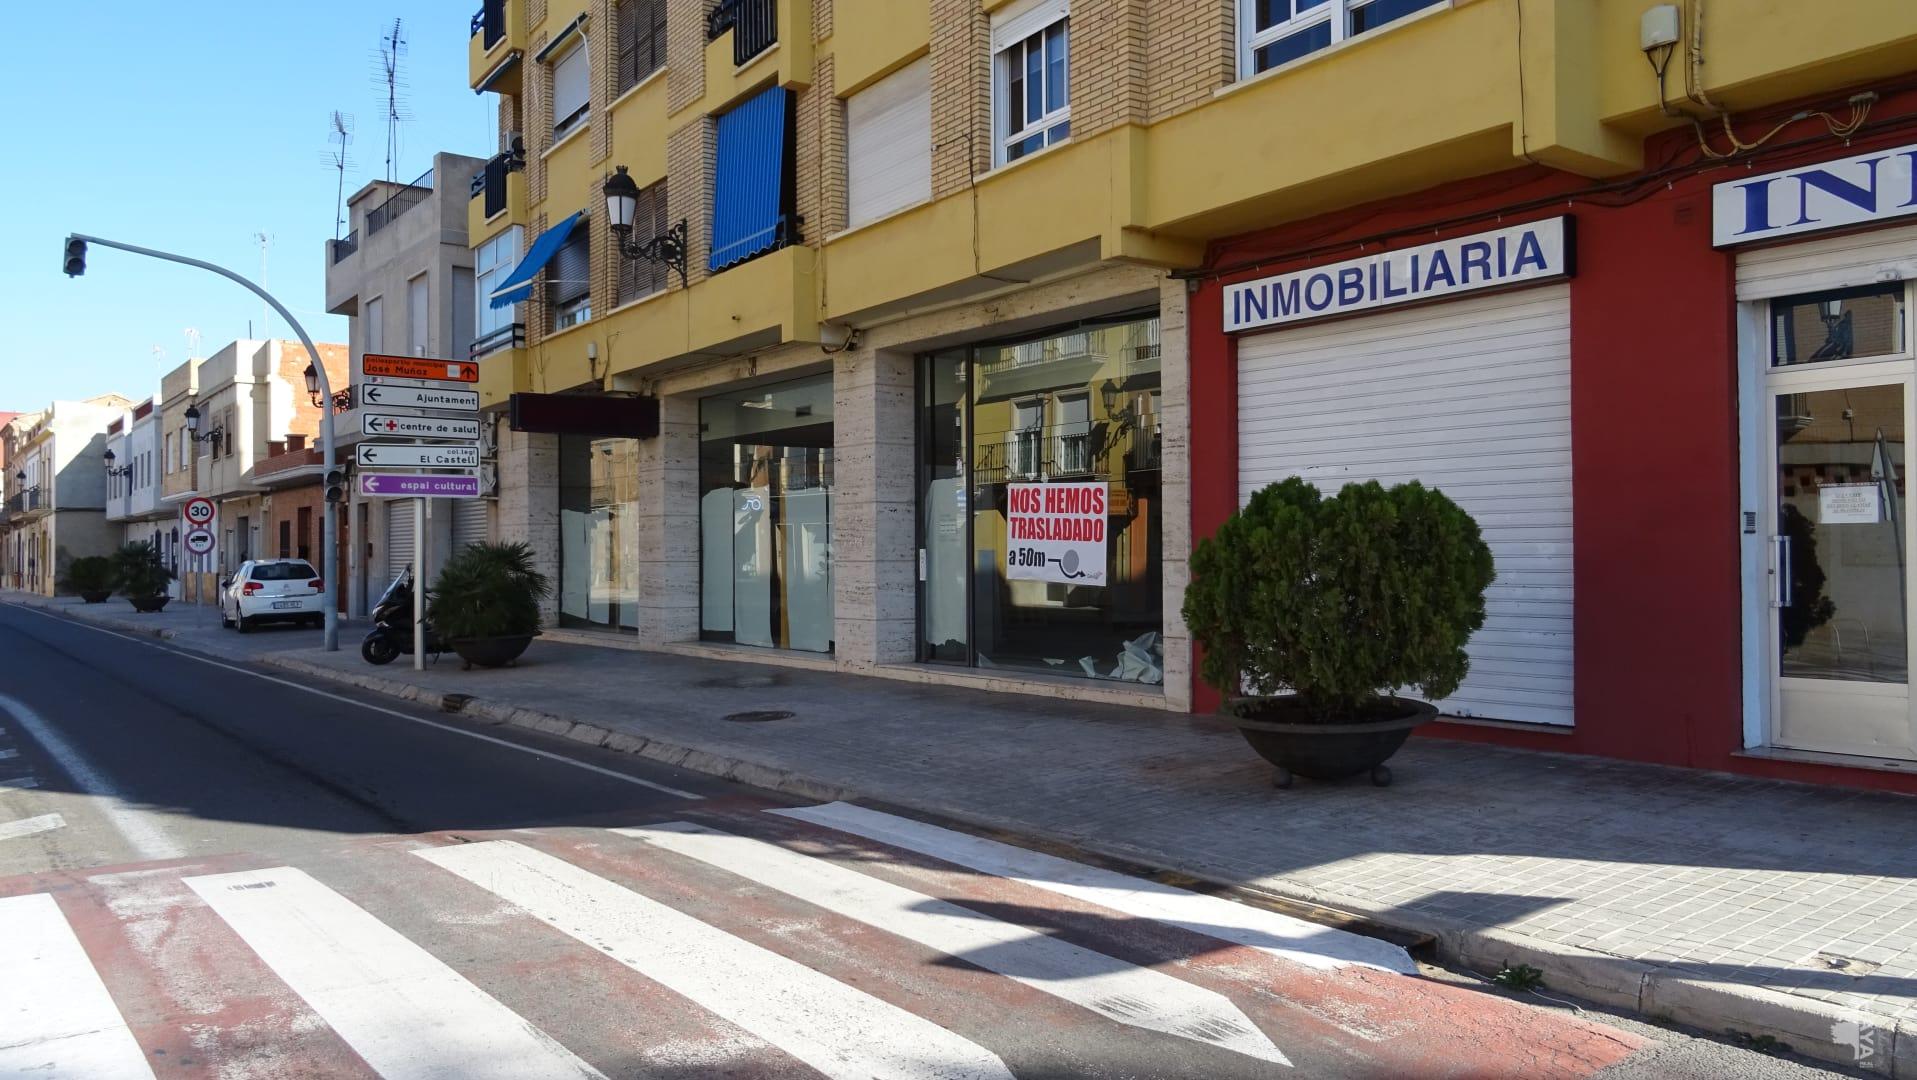 Locale commerciale in Albalat dels Sorells. Local en venta en albalat dels sorells, albalat dels sorells (va